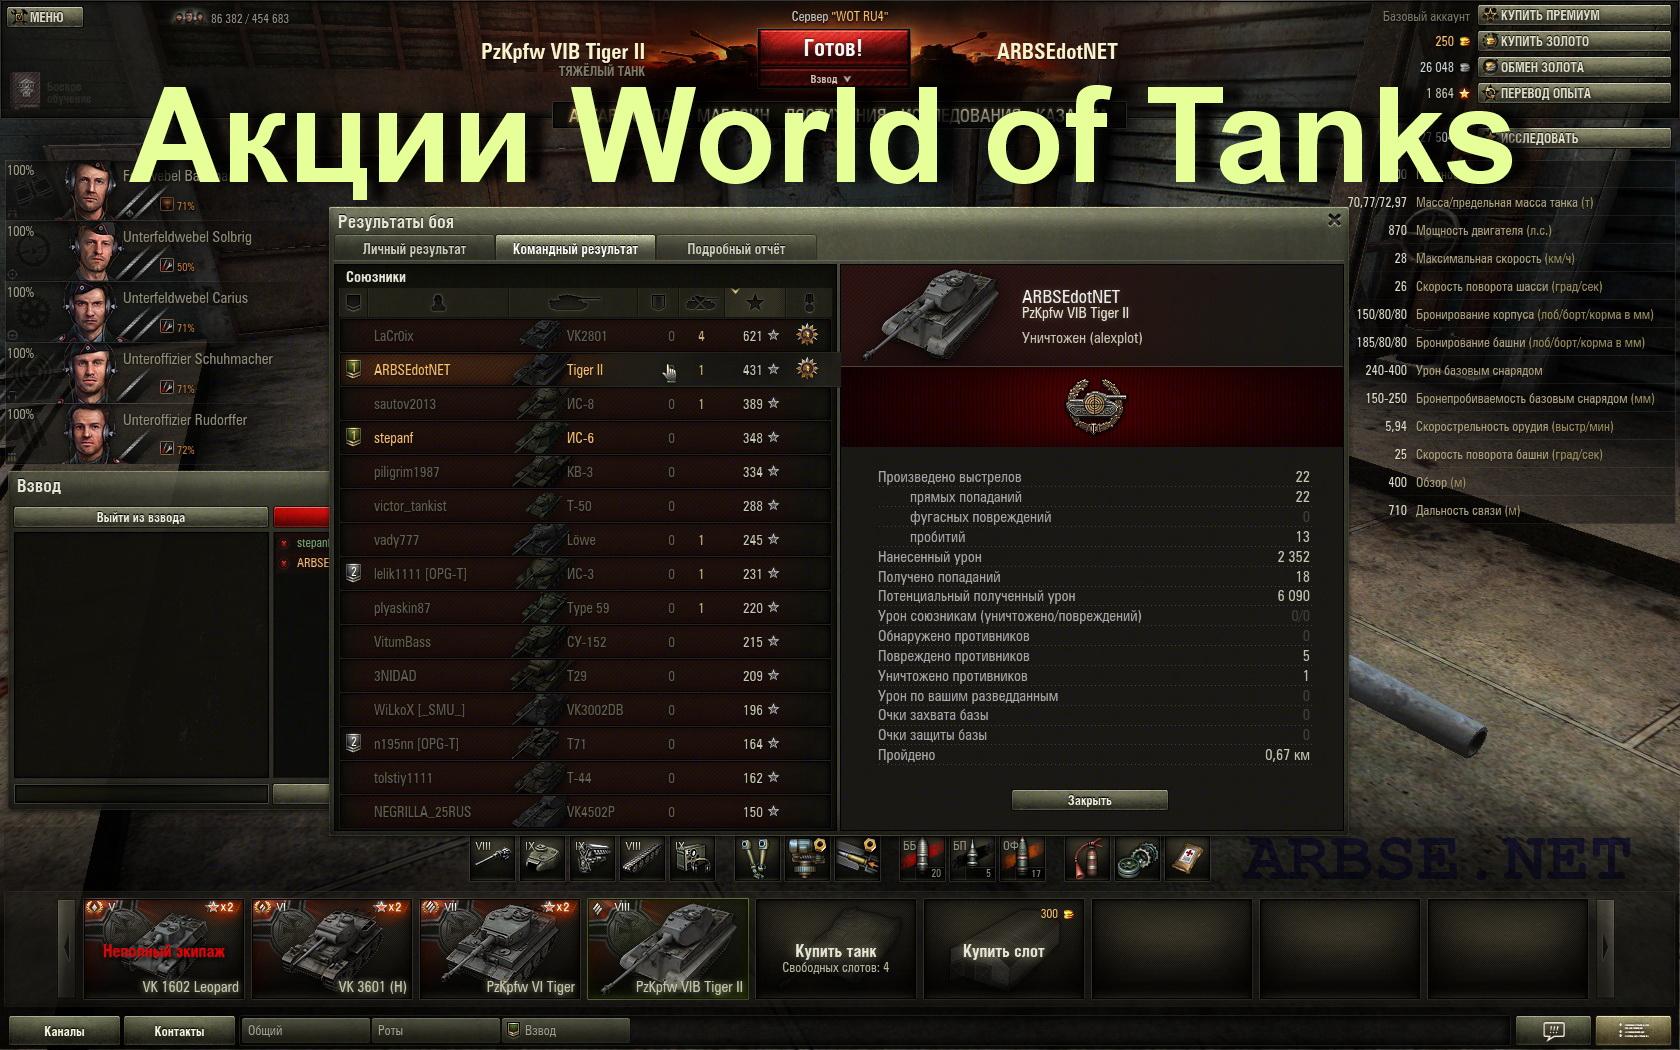 какая акция будет на 23 февраля в world of tanks